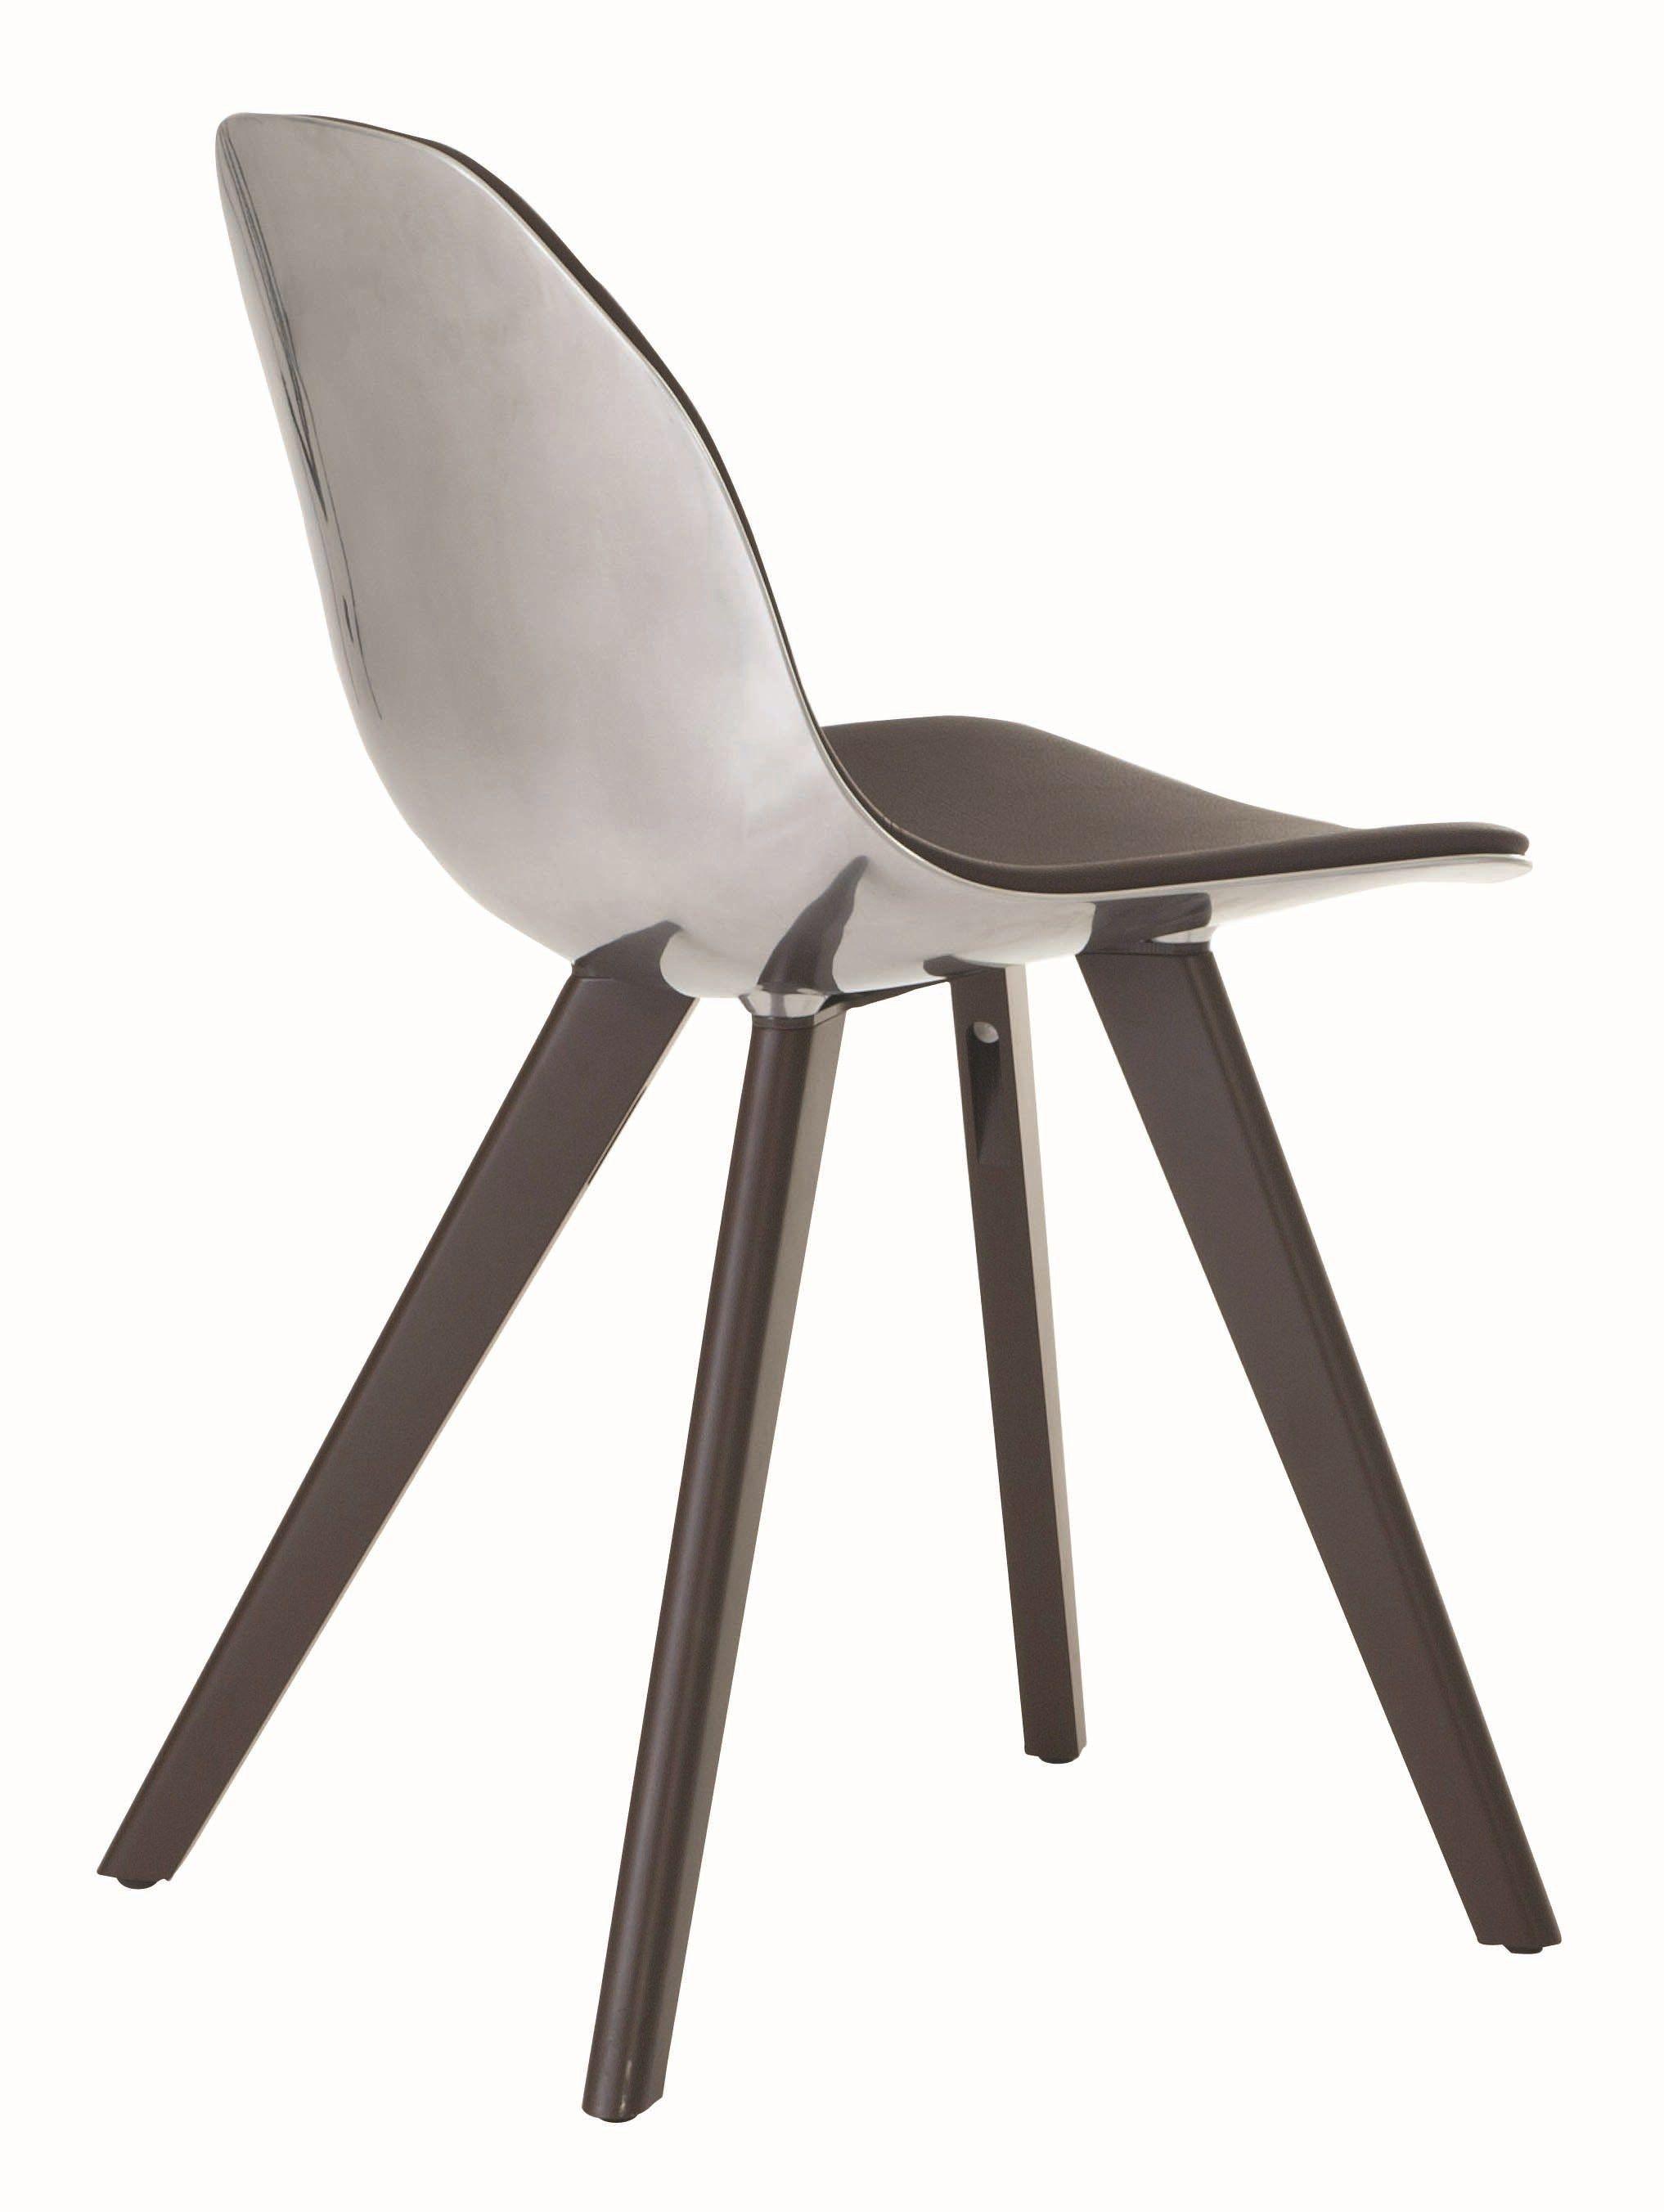 CHISTERA | Chair By ROCHE BOBOIS design Marcello Ziliani